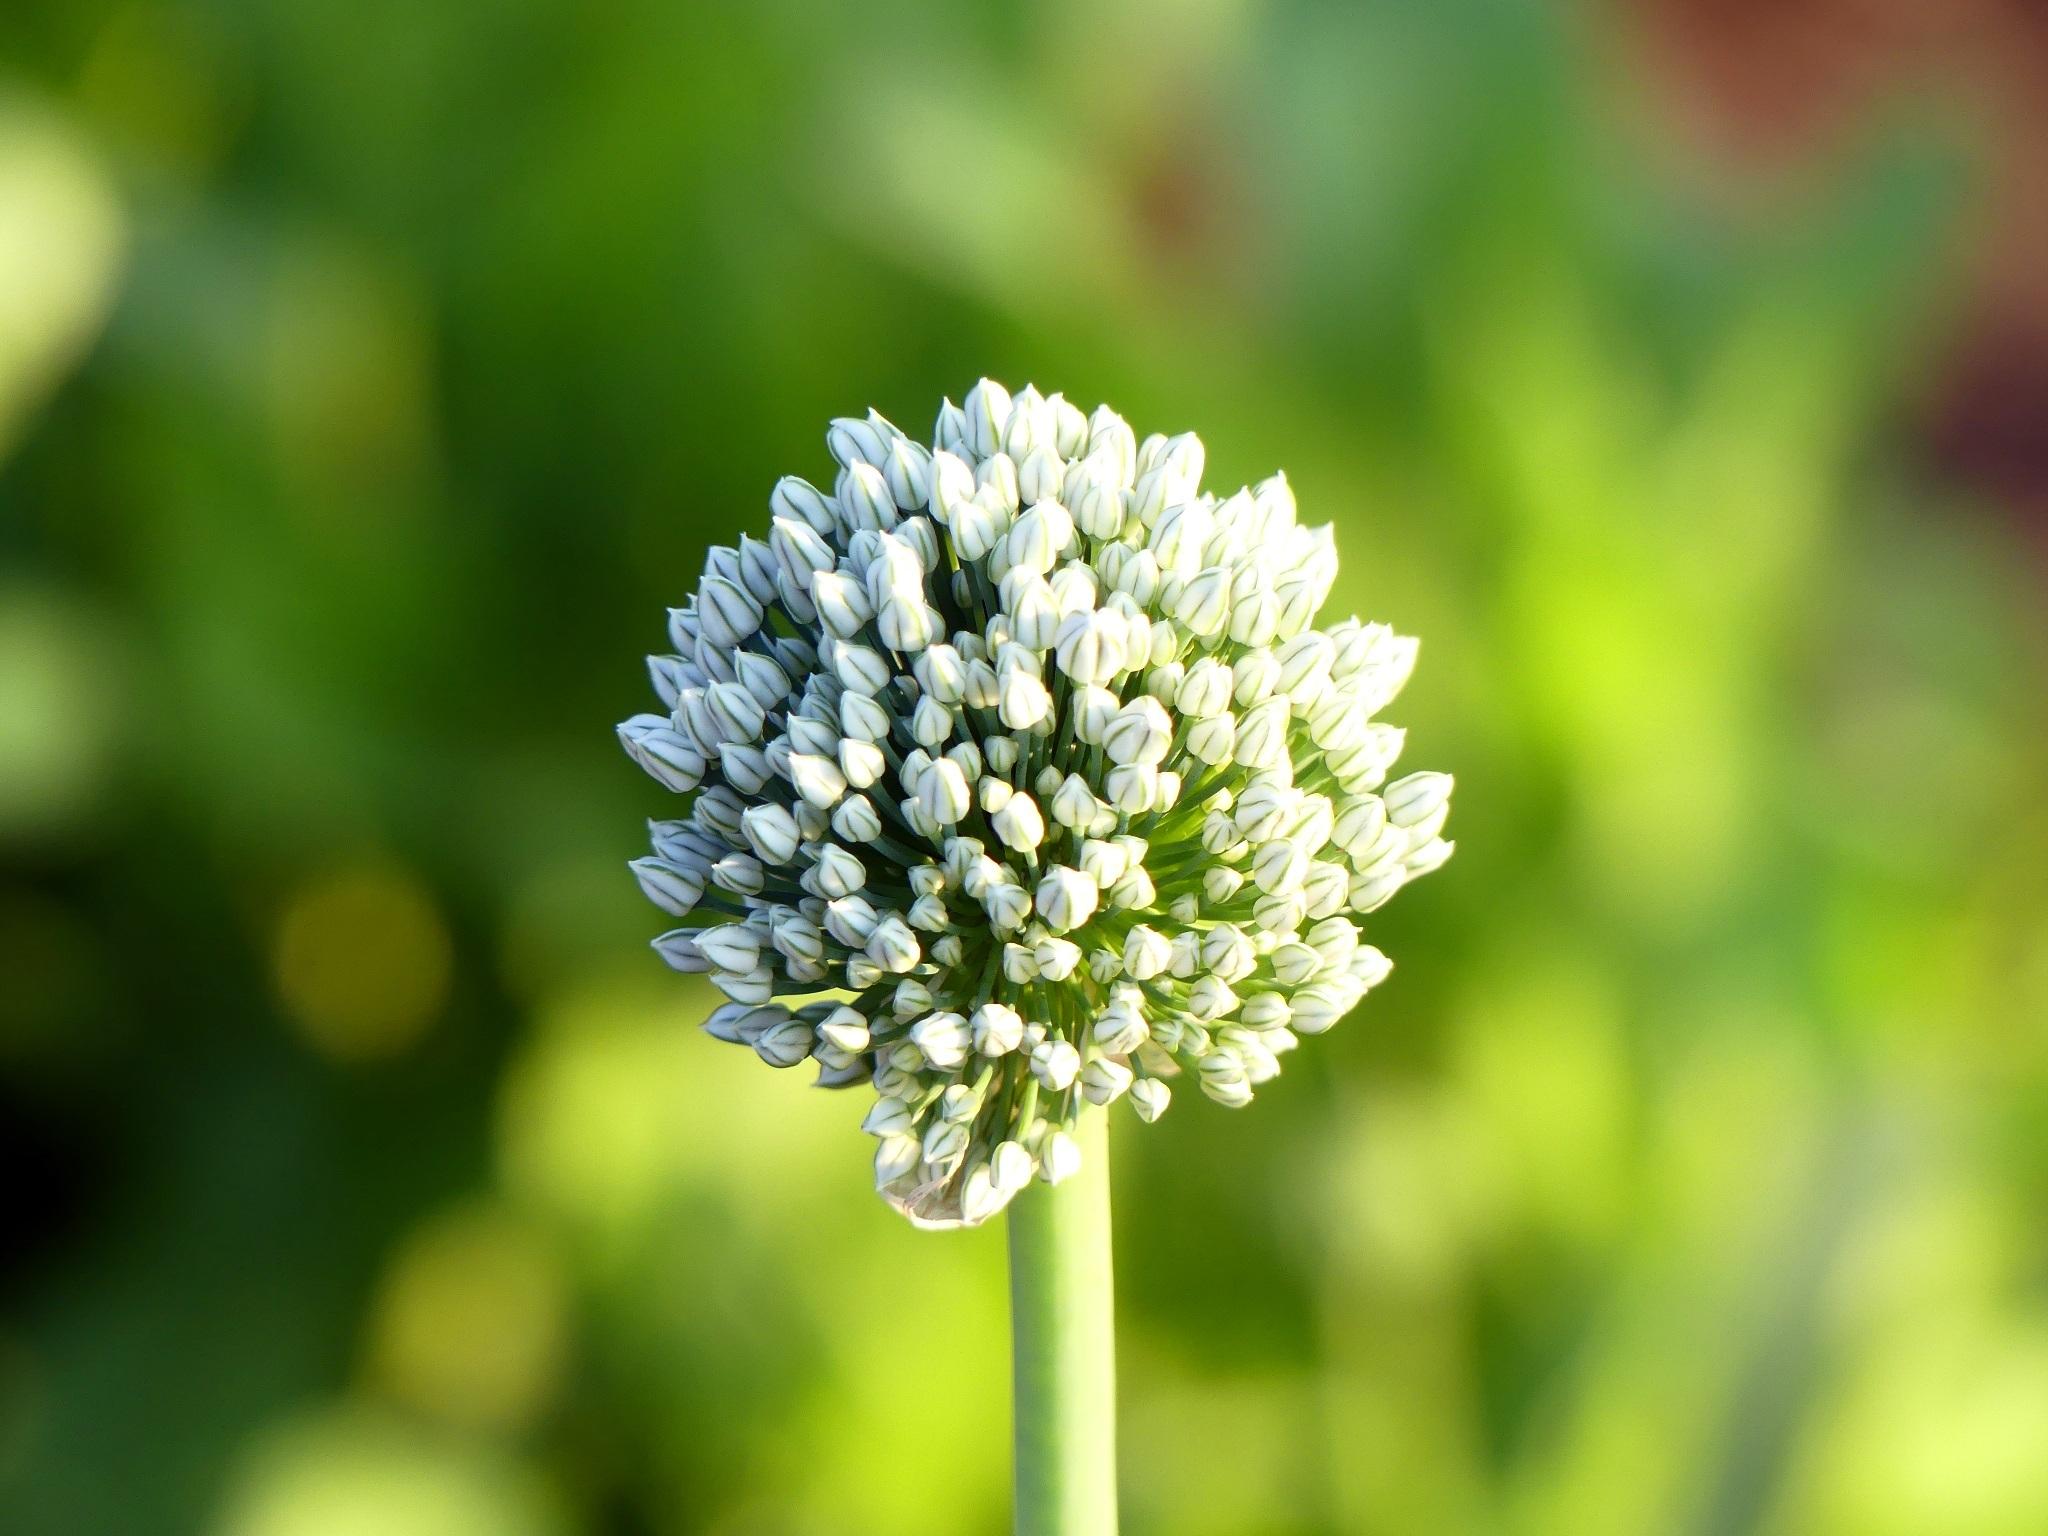 фото цветение чеснока эпилятора делает его